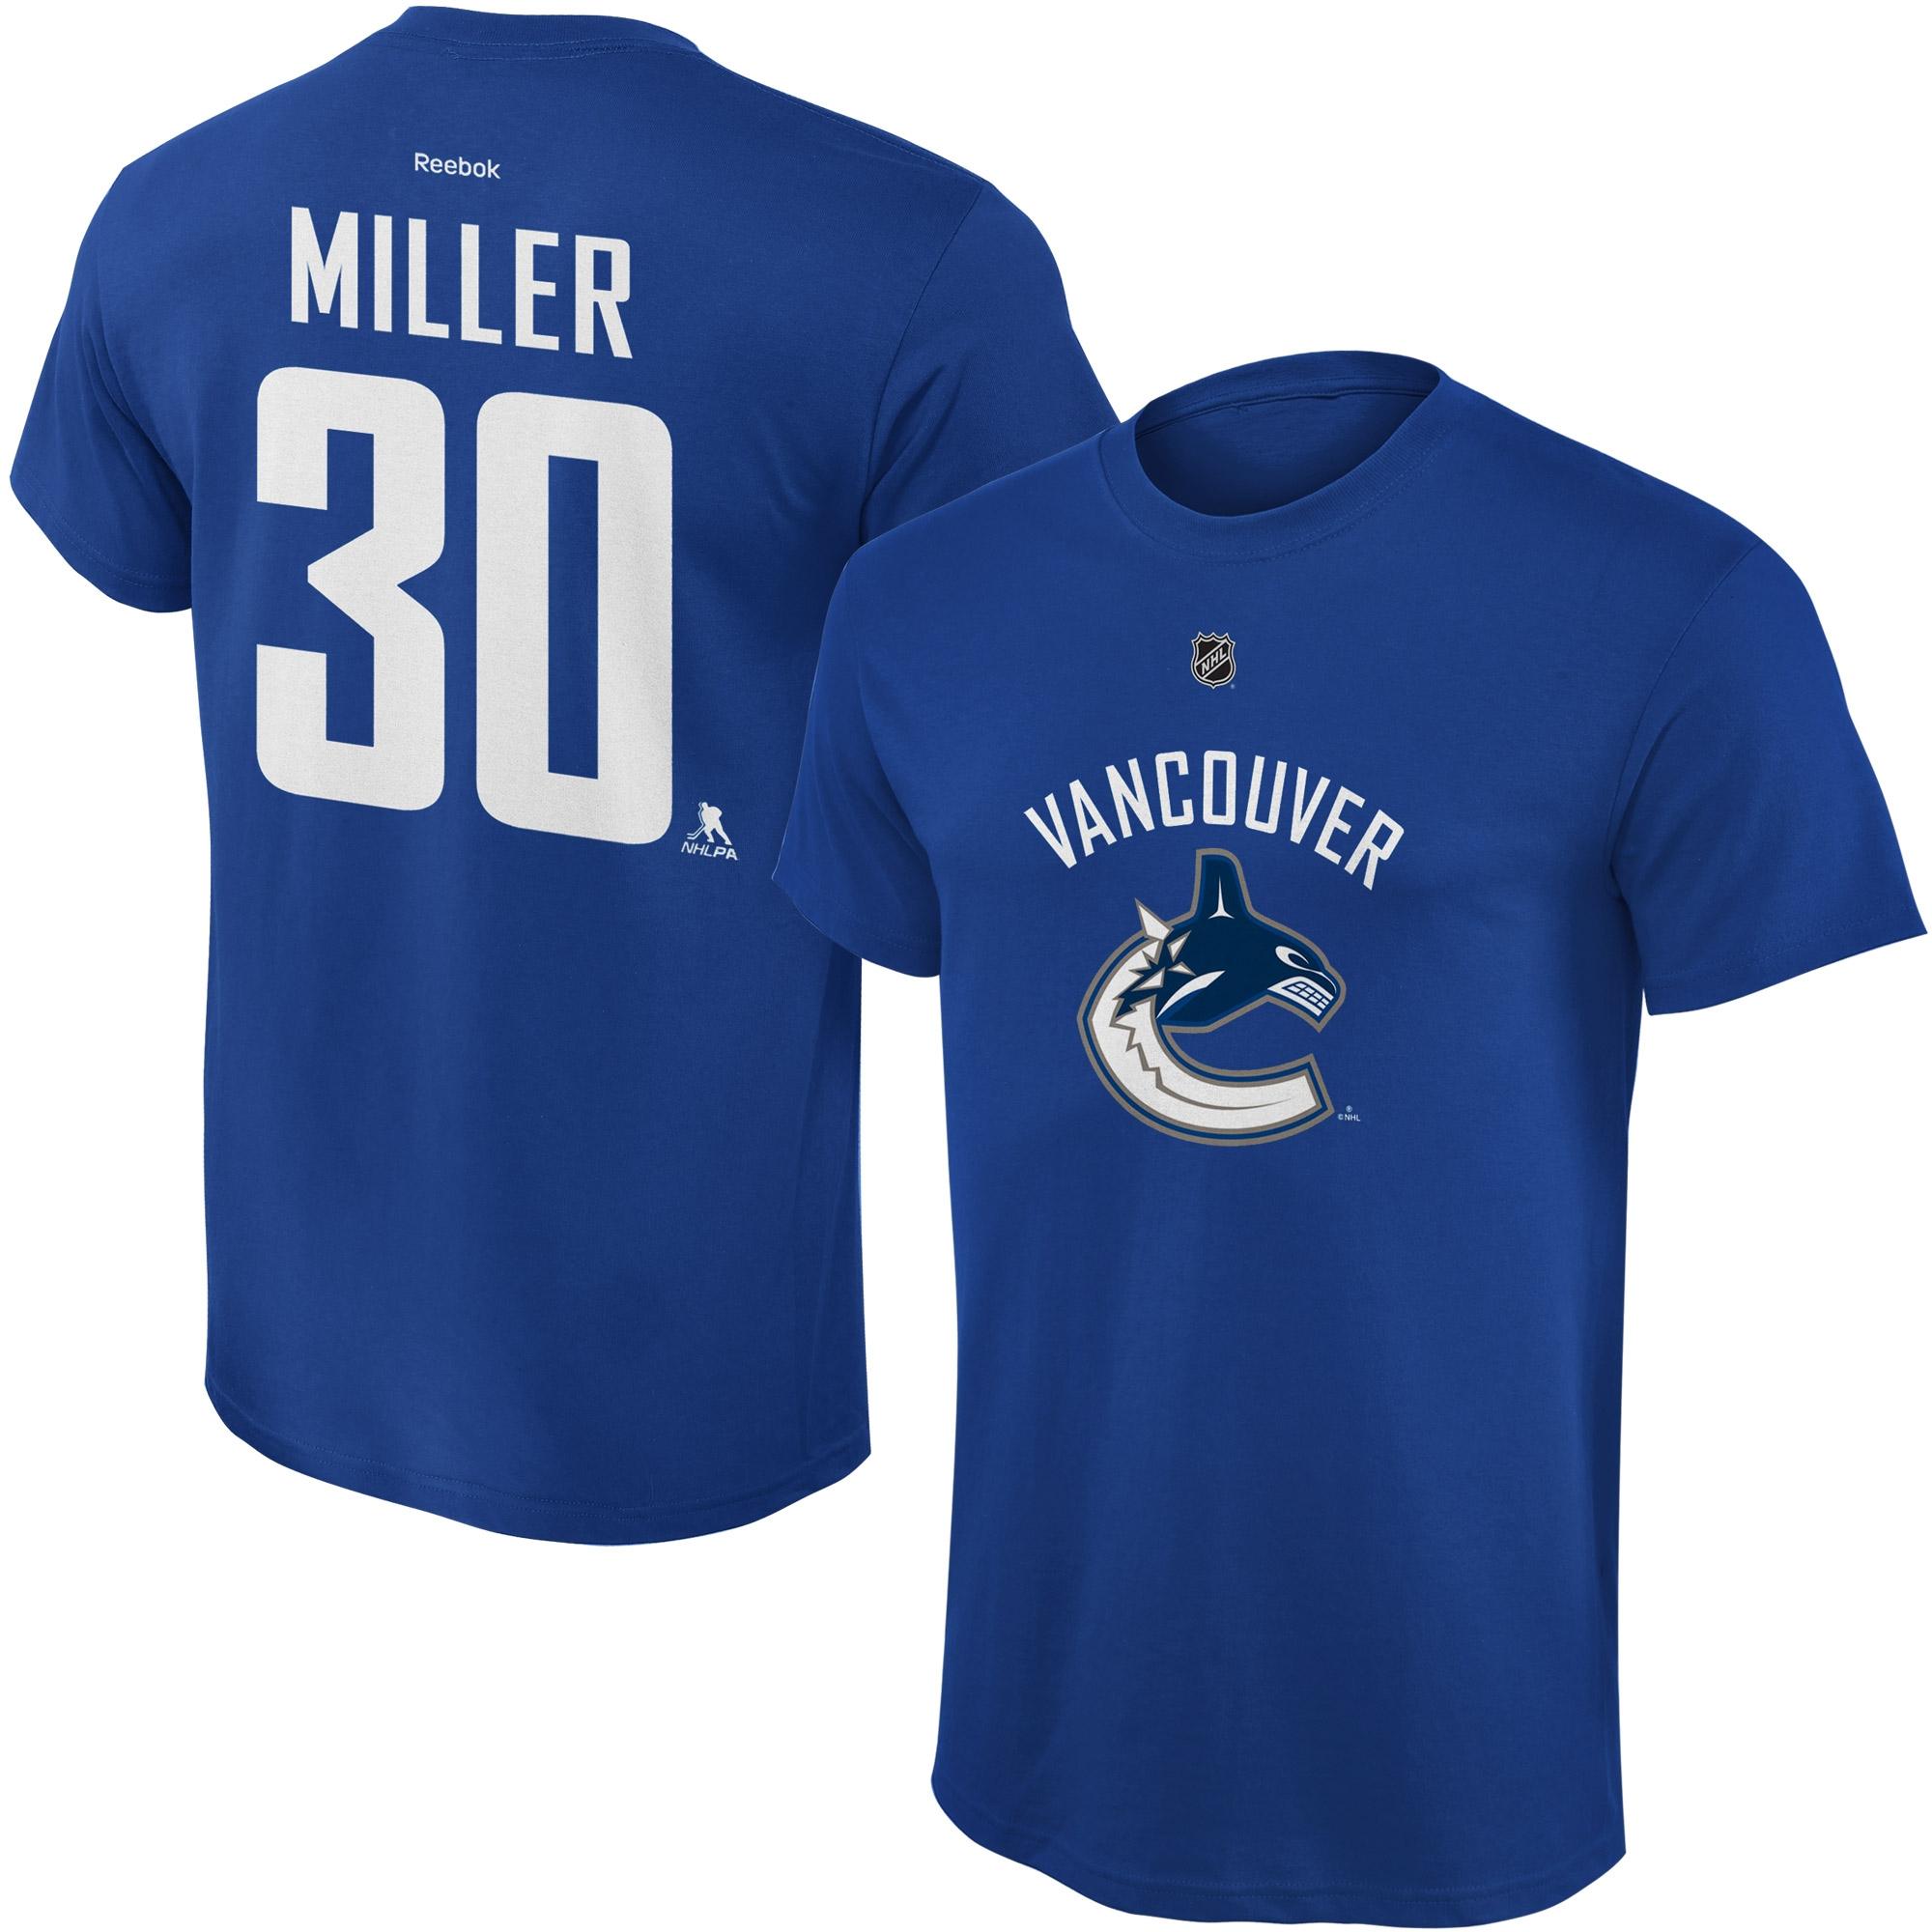 Reebok Dětské tričko Ryan Miller Vancouver Canucks NHL Name & Number Velikost: Dětské M (9 - 11 let)